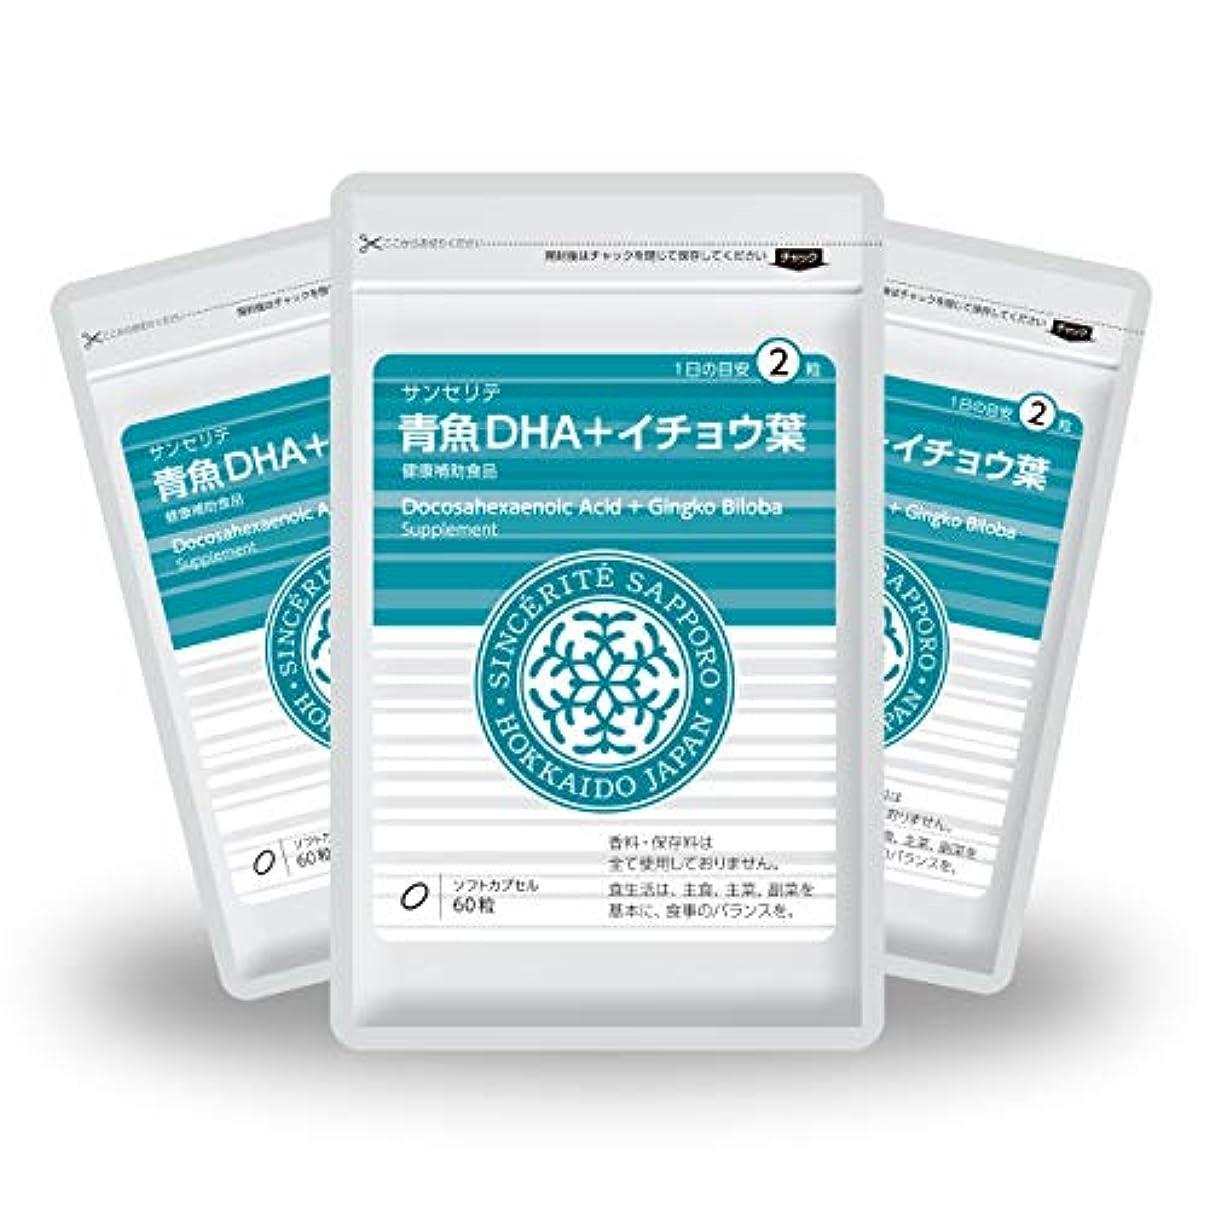 人差し指免除完全に青魚DHA+イチョウ葉 3袋セット[送料無料][DHA]101mg配合[国内製造]お得な90日分